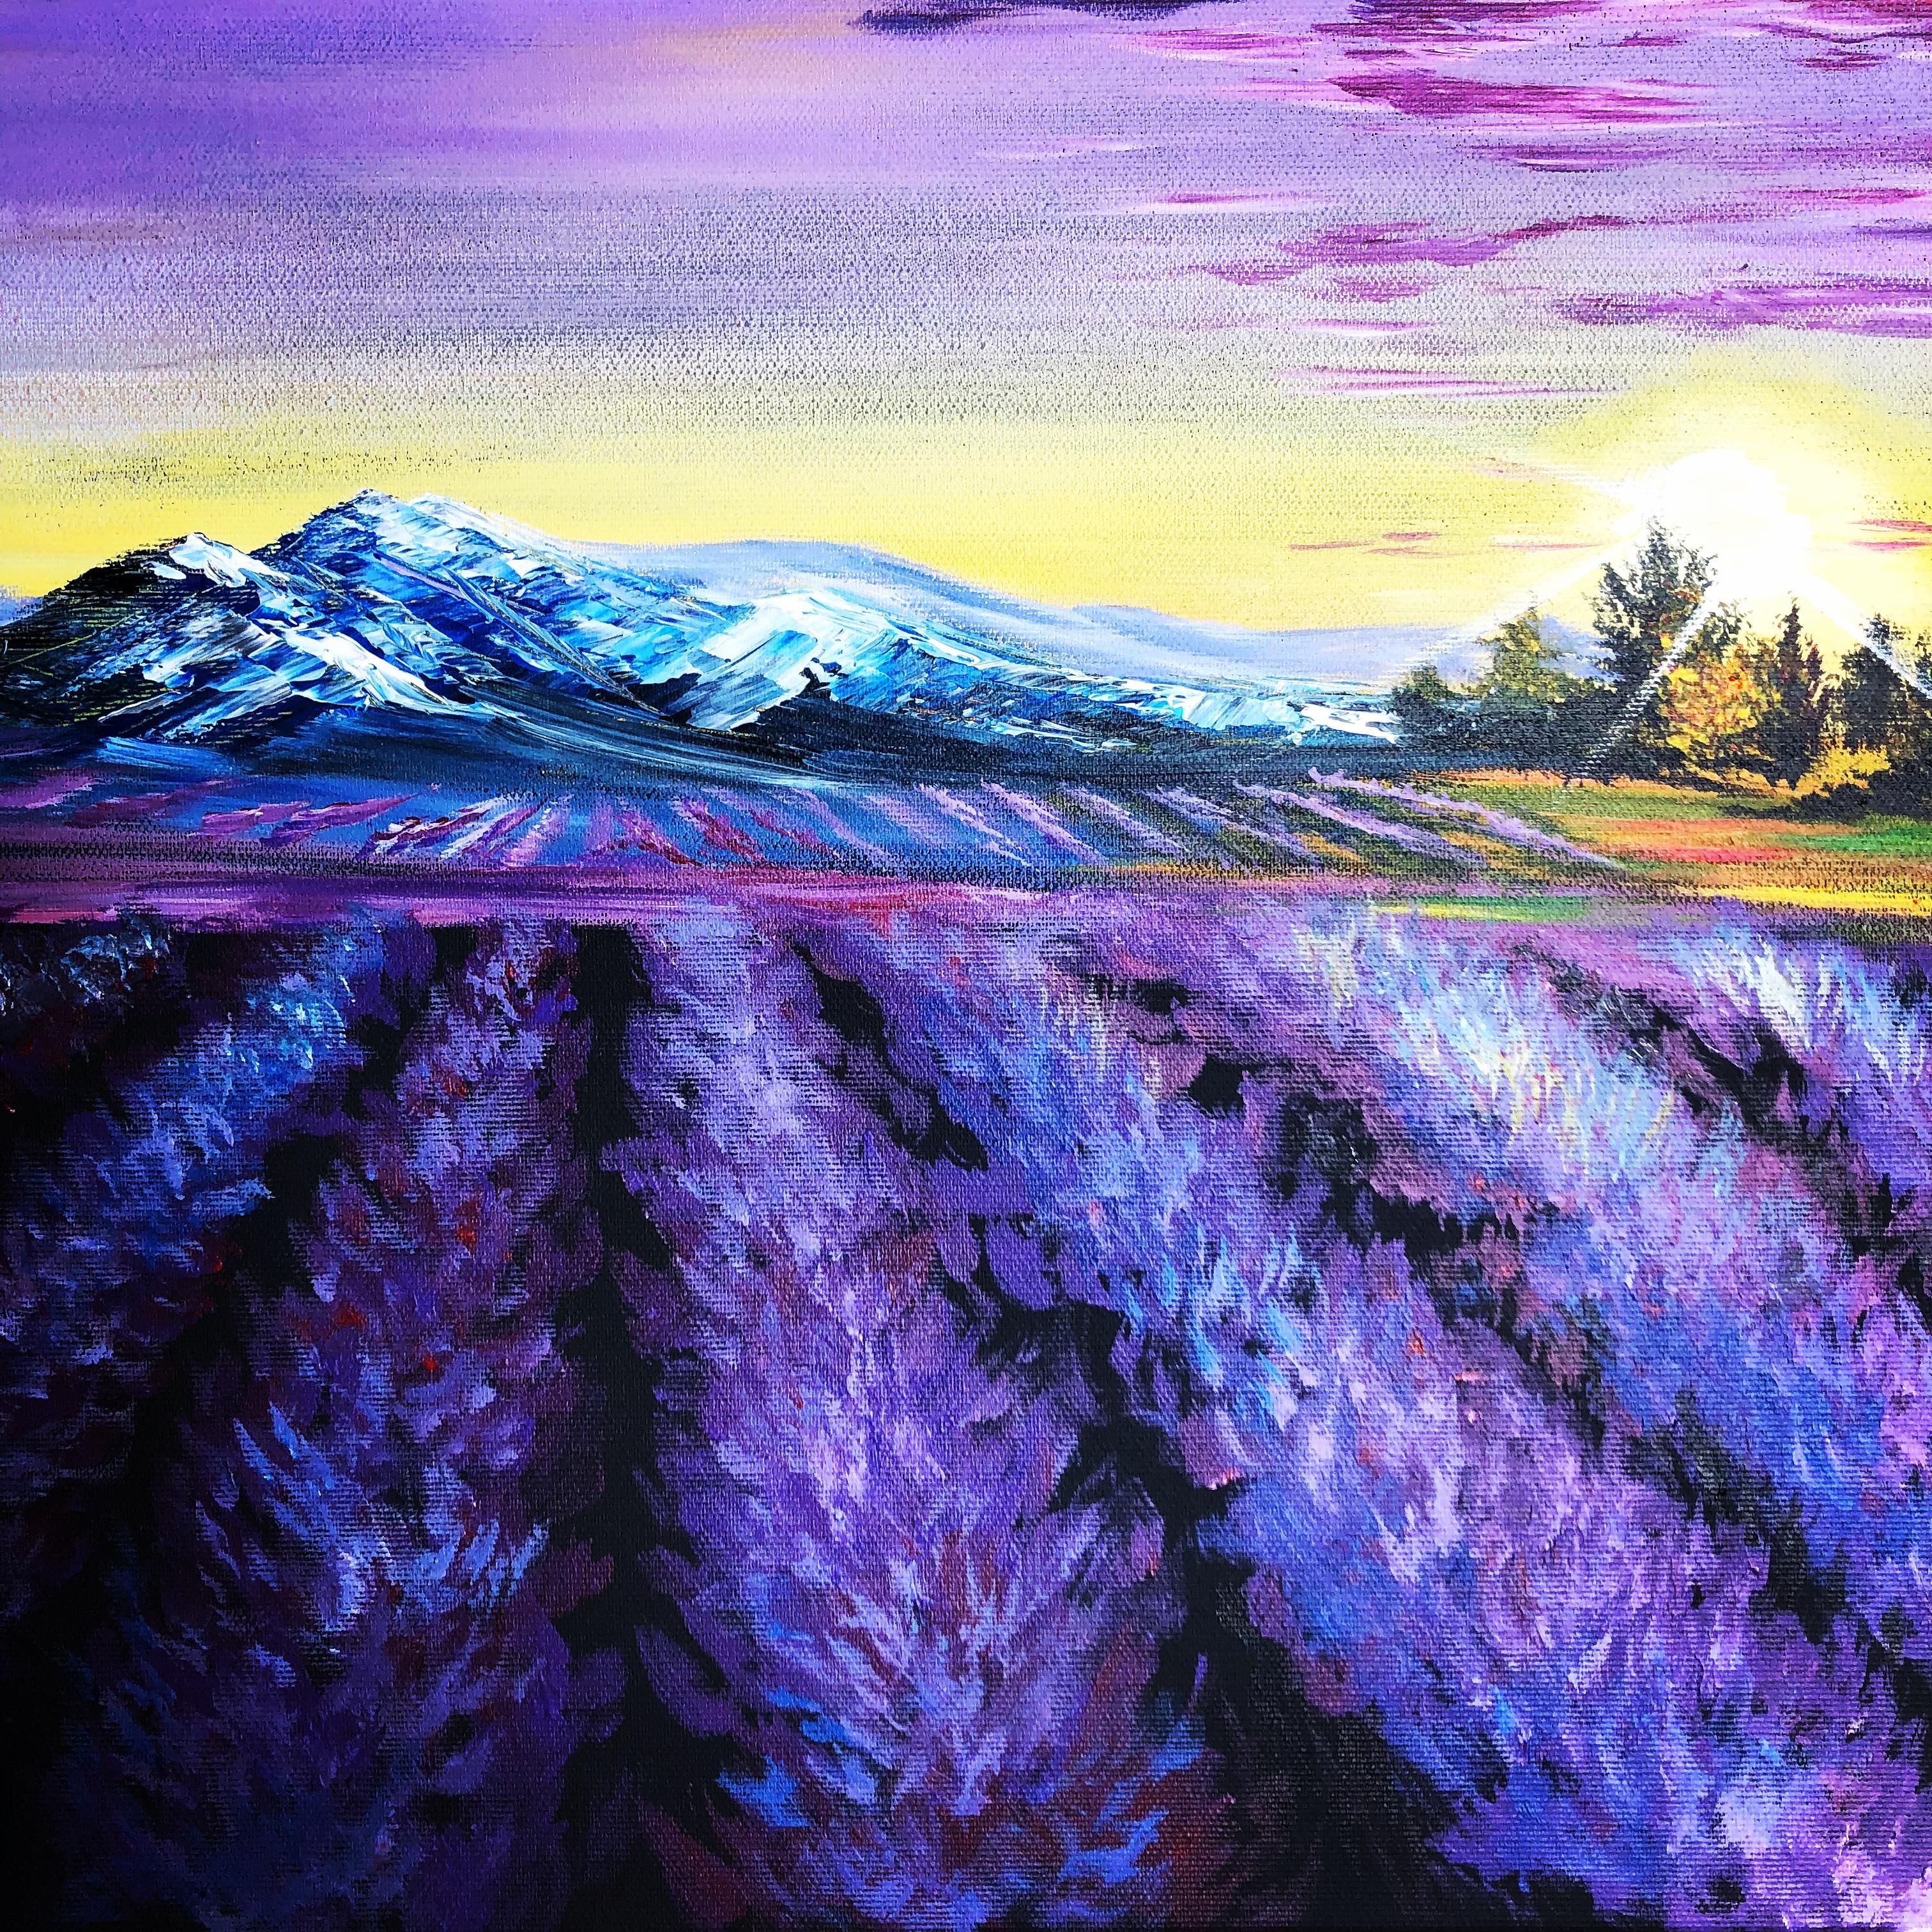 FessNeki: Lavender field